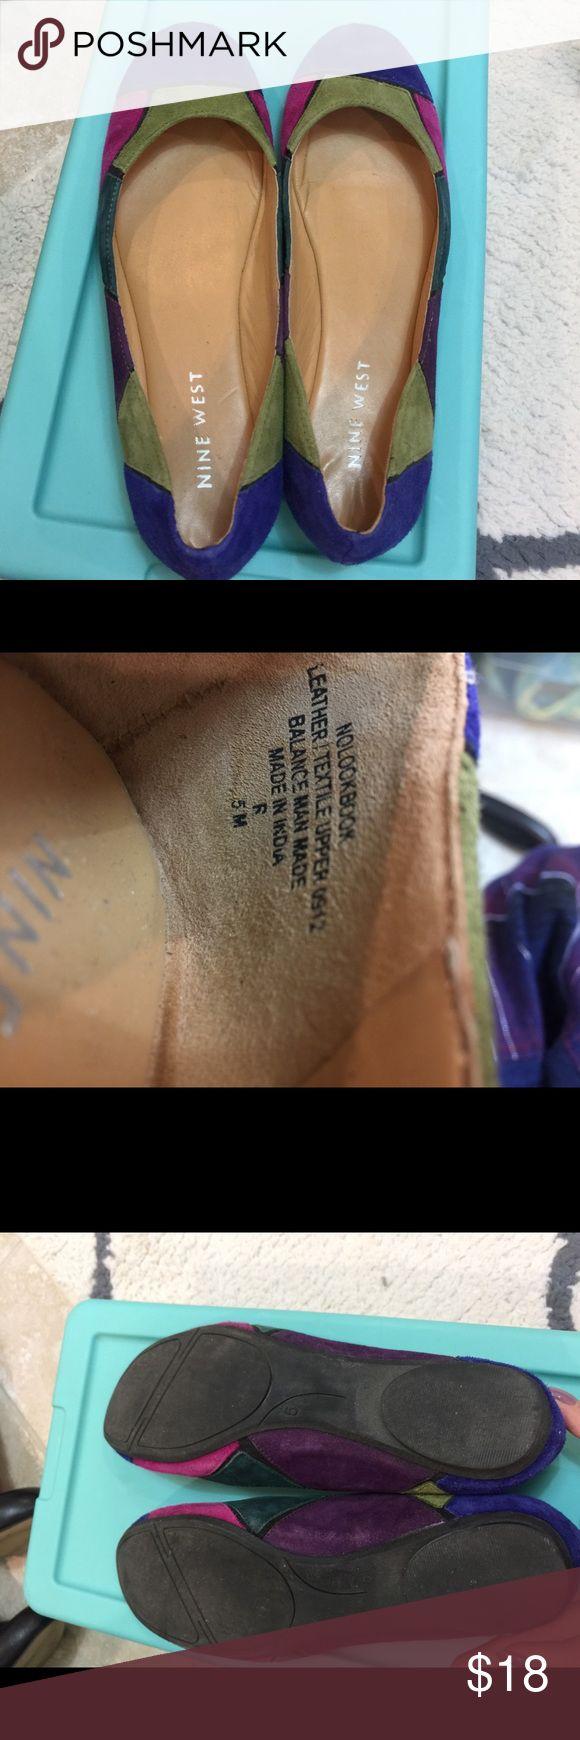 NINE WEST LADY WOMEN'S BALLET FLAT Multi Colors NINE WEST LADY BELAZO WOMEN'S BALLET FLAT Multi Colors SHOES SIZE 5 US Nine West Shoes Flats & Loafers